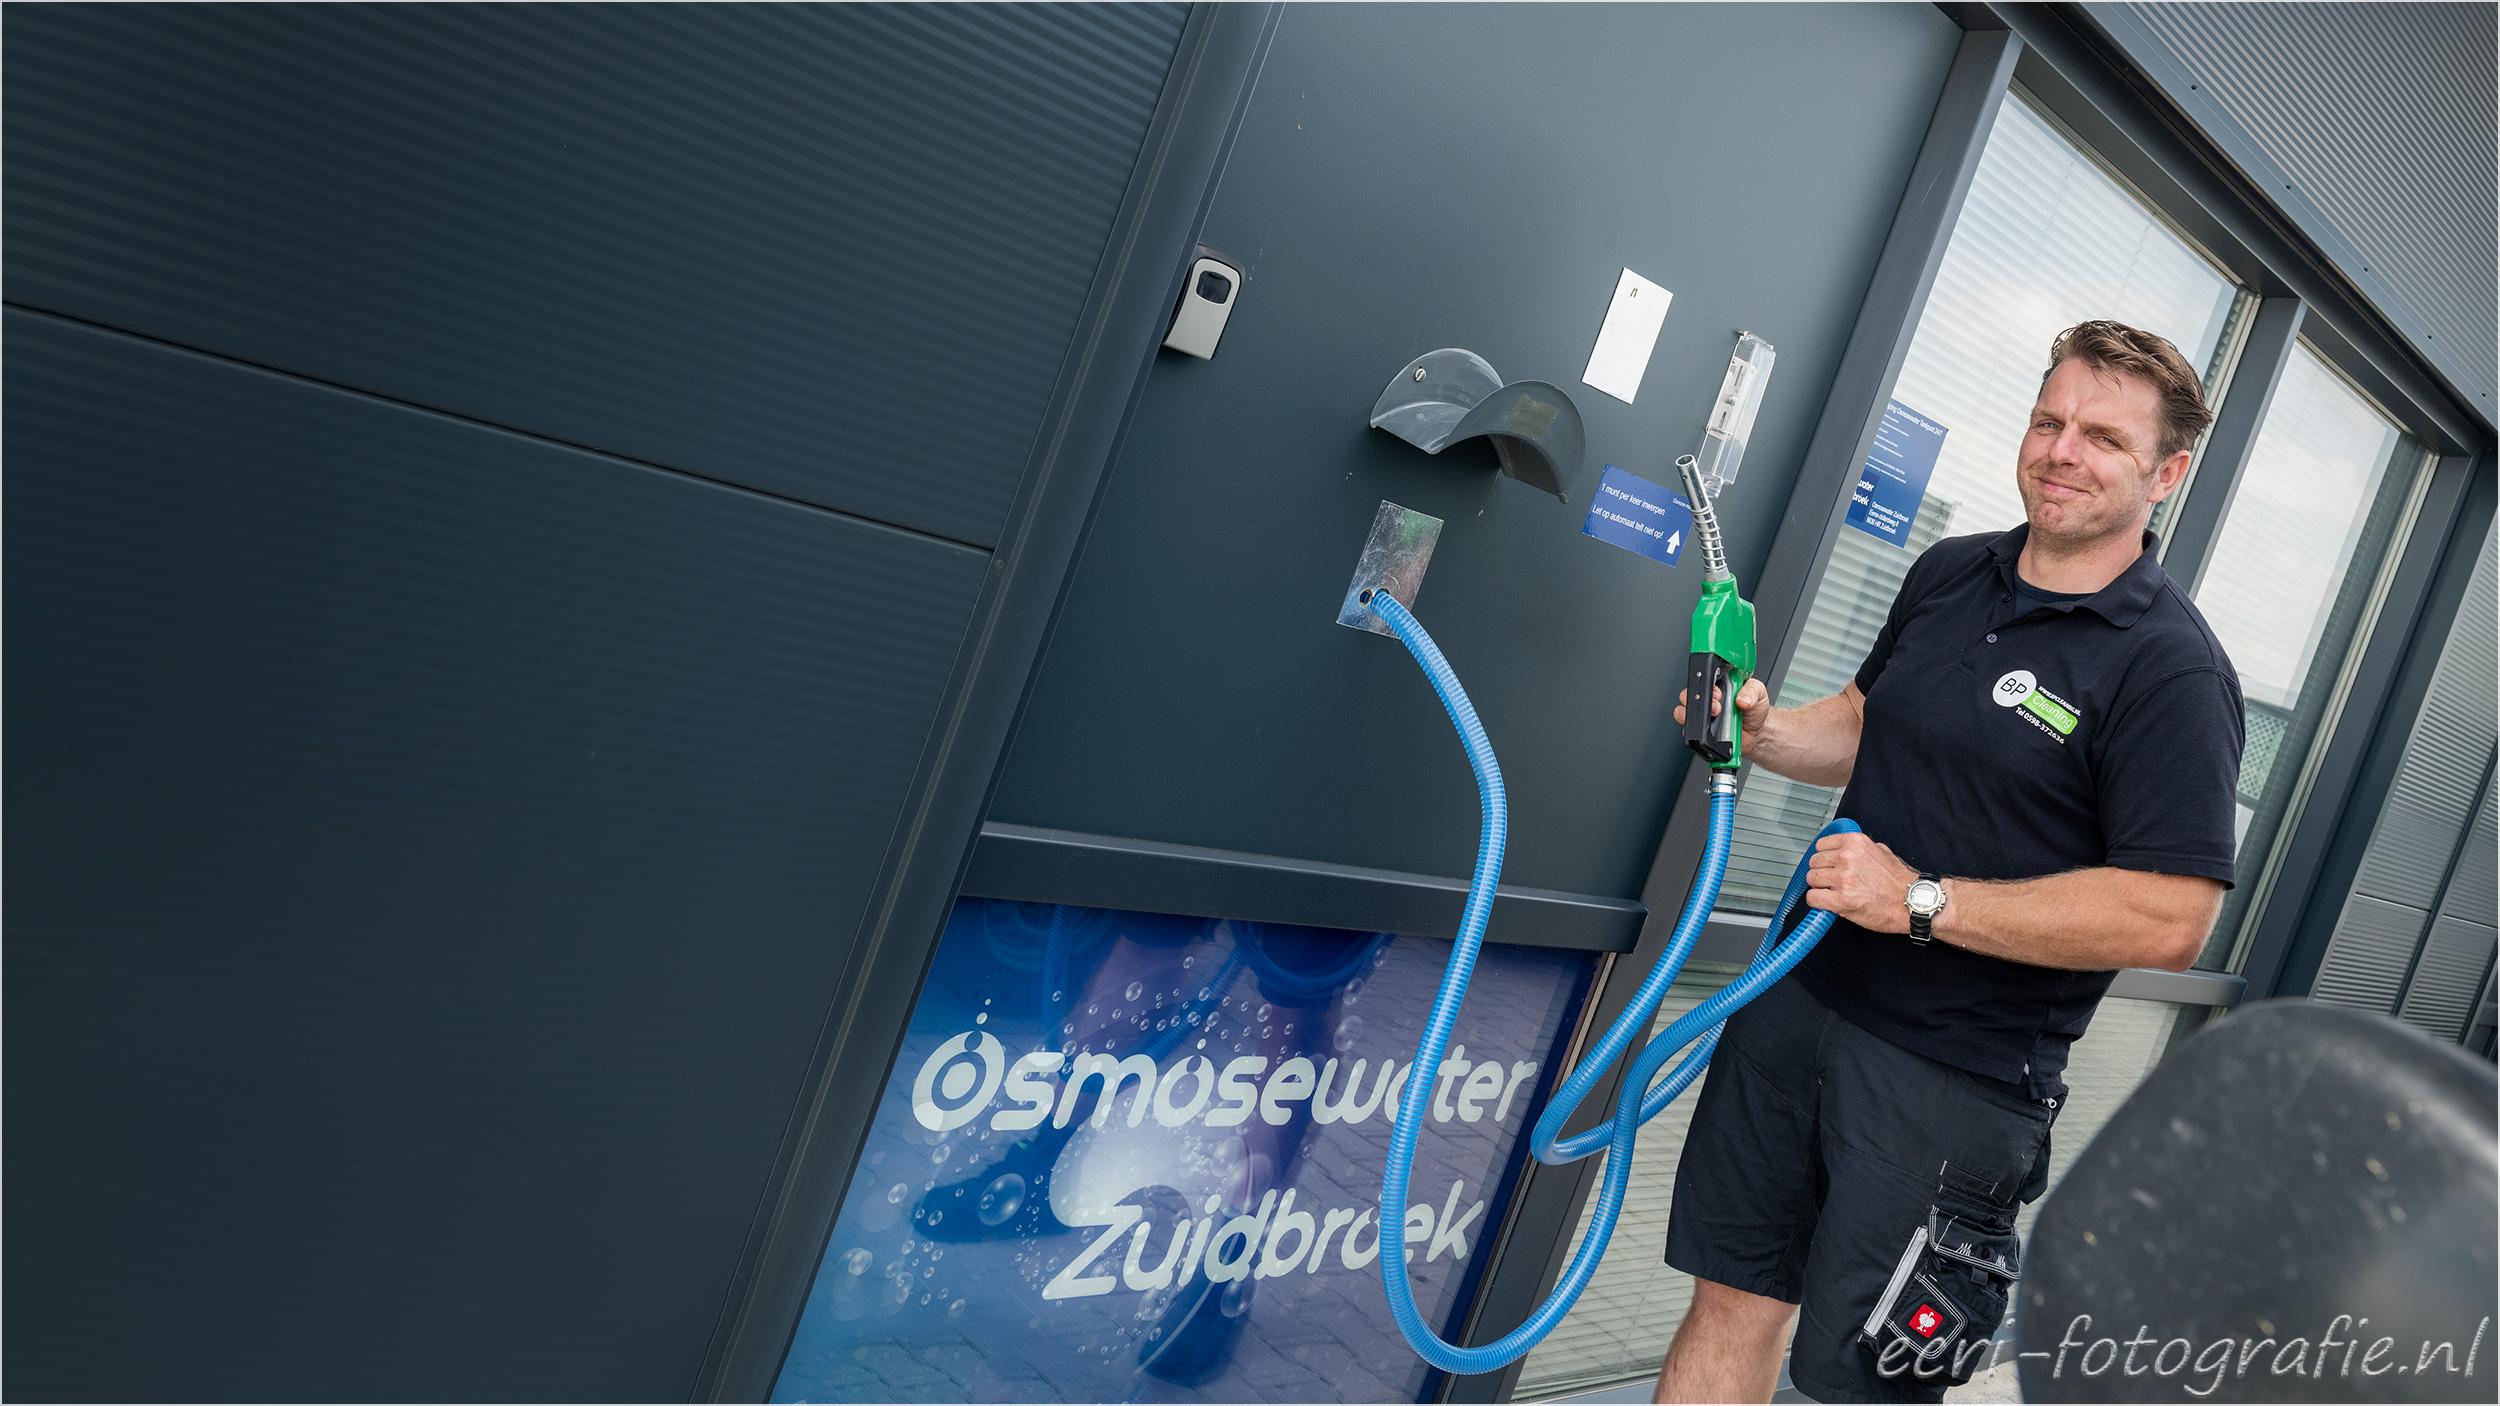 ecri-fotografie, Eric de Jonge, bedrijfsfotografie, Osmosewater Zuidbroek, BP Cleaning, schoonmaakbedrijf, zakelijk